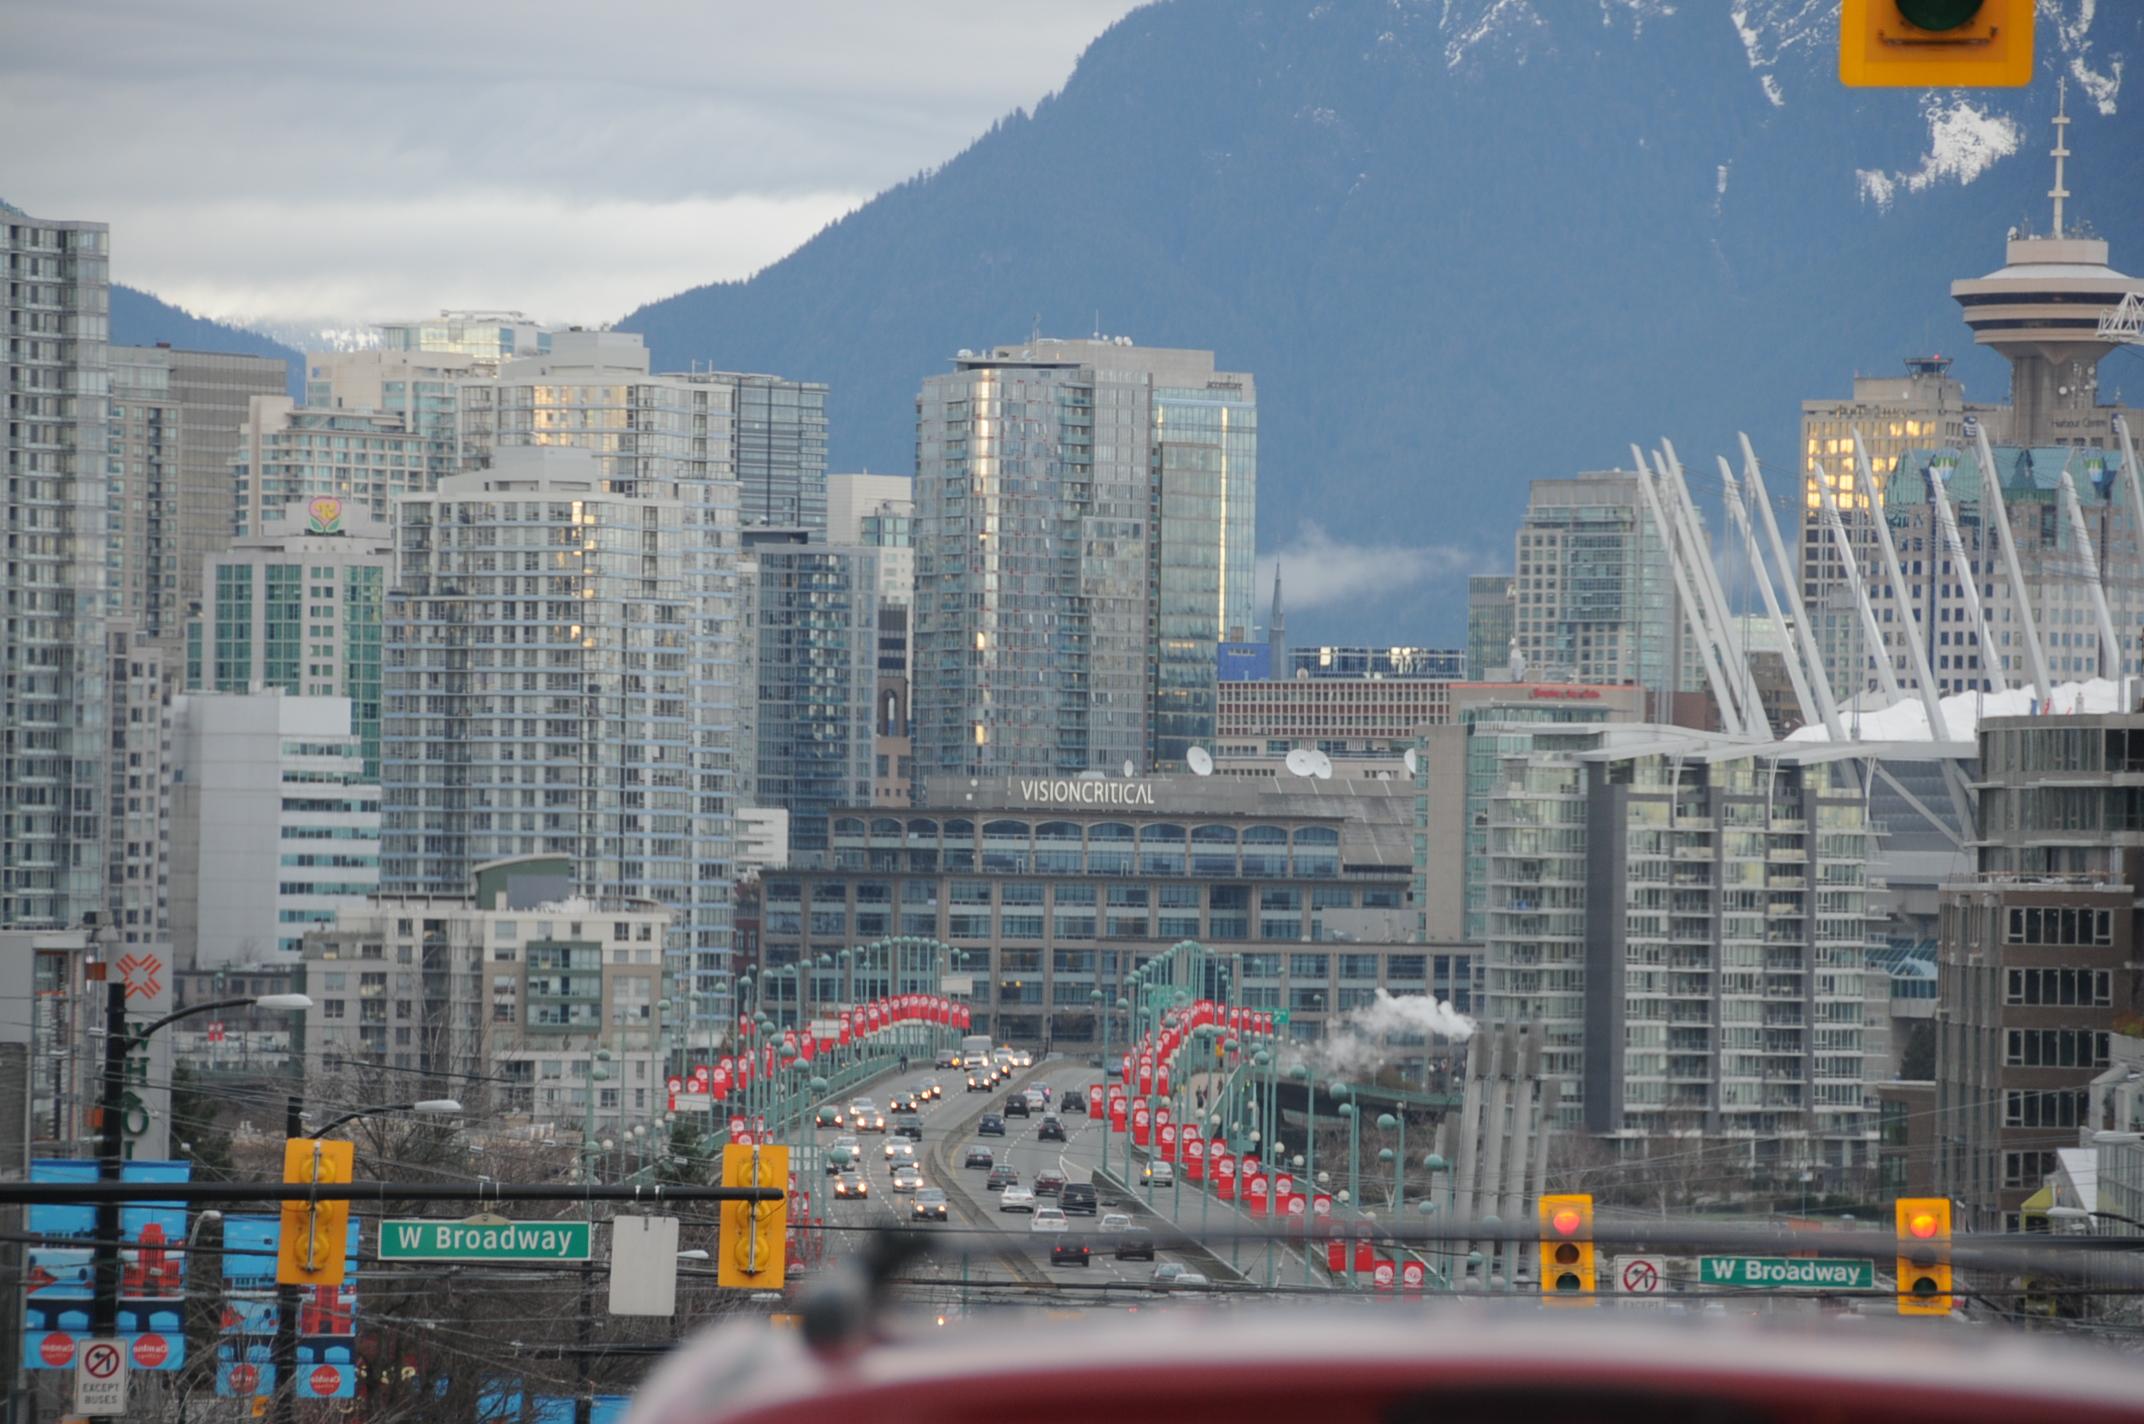 Цены на Жилье в Канаде в 2012 году Снизятся